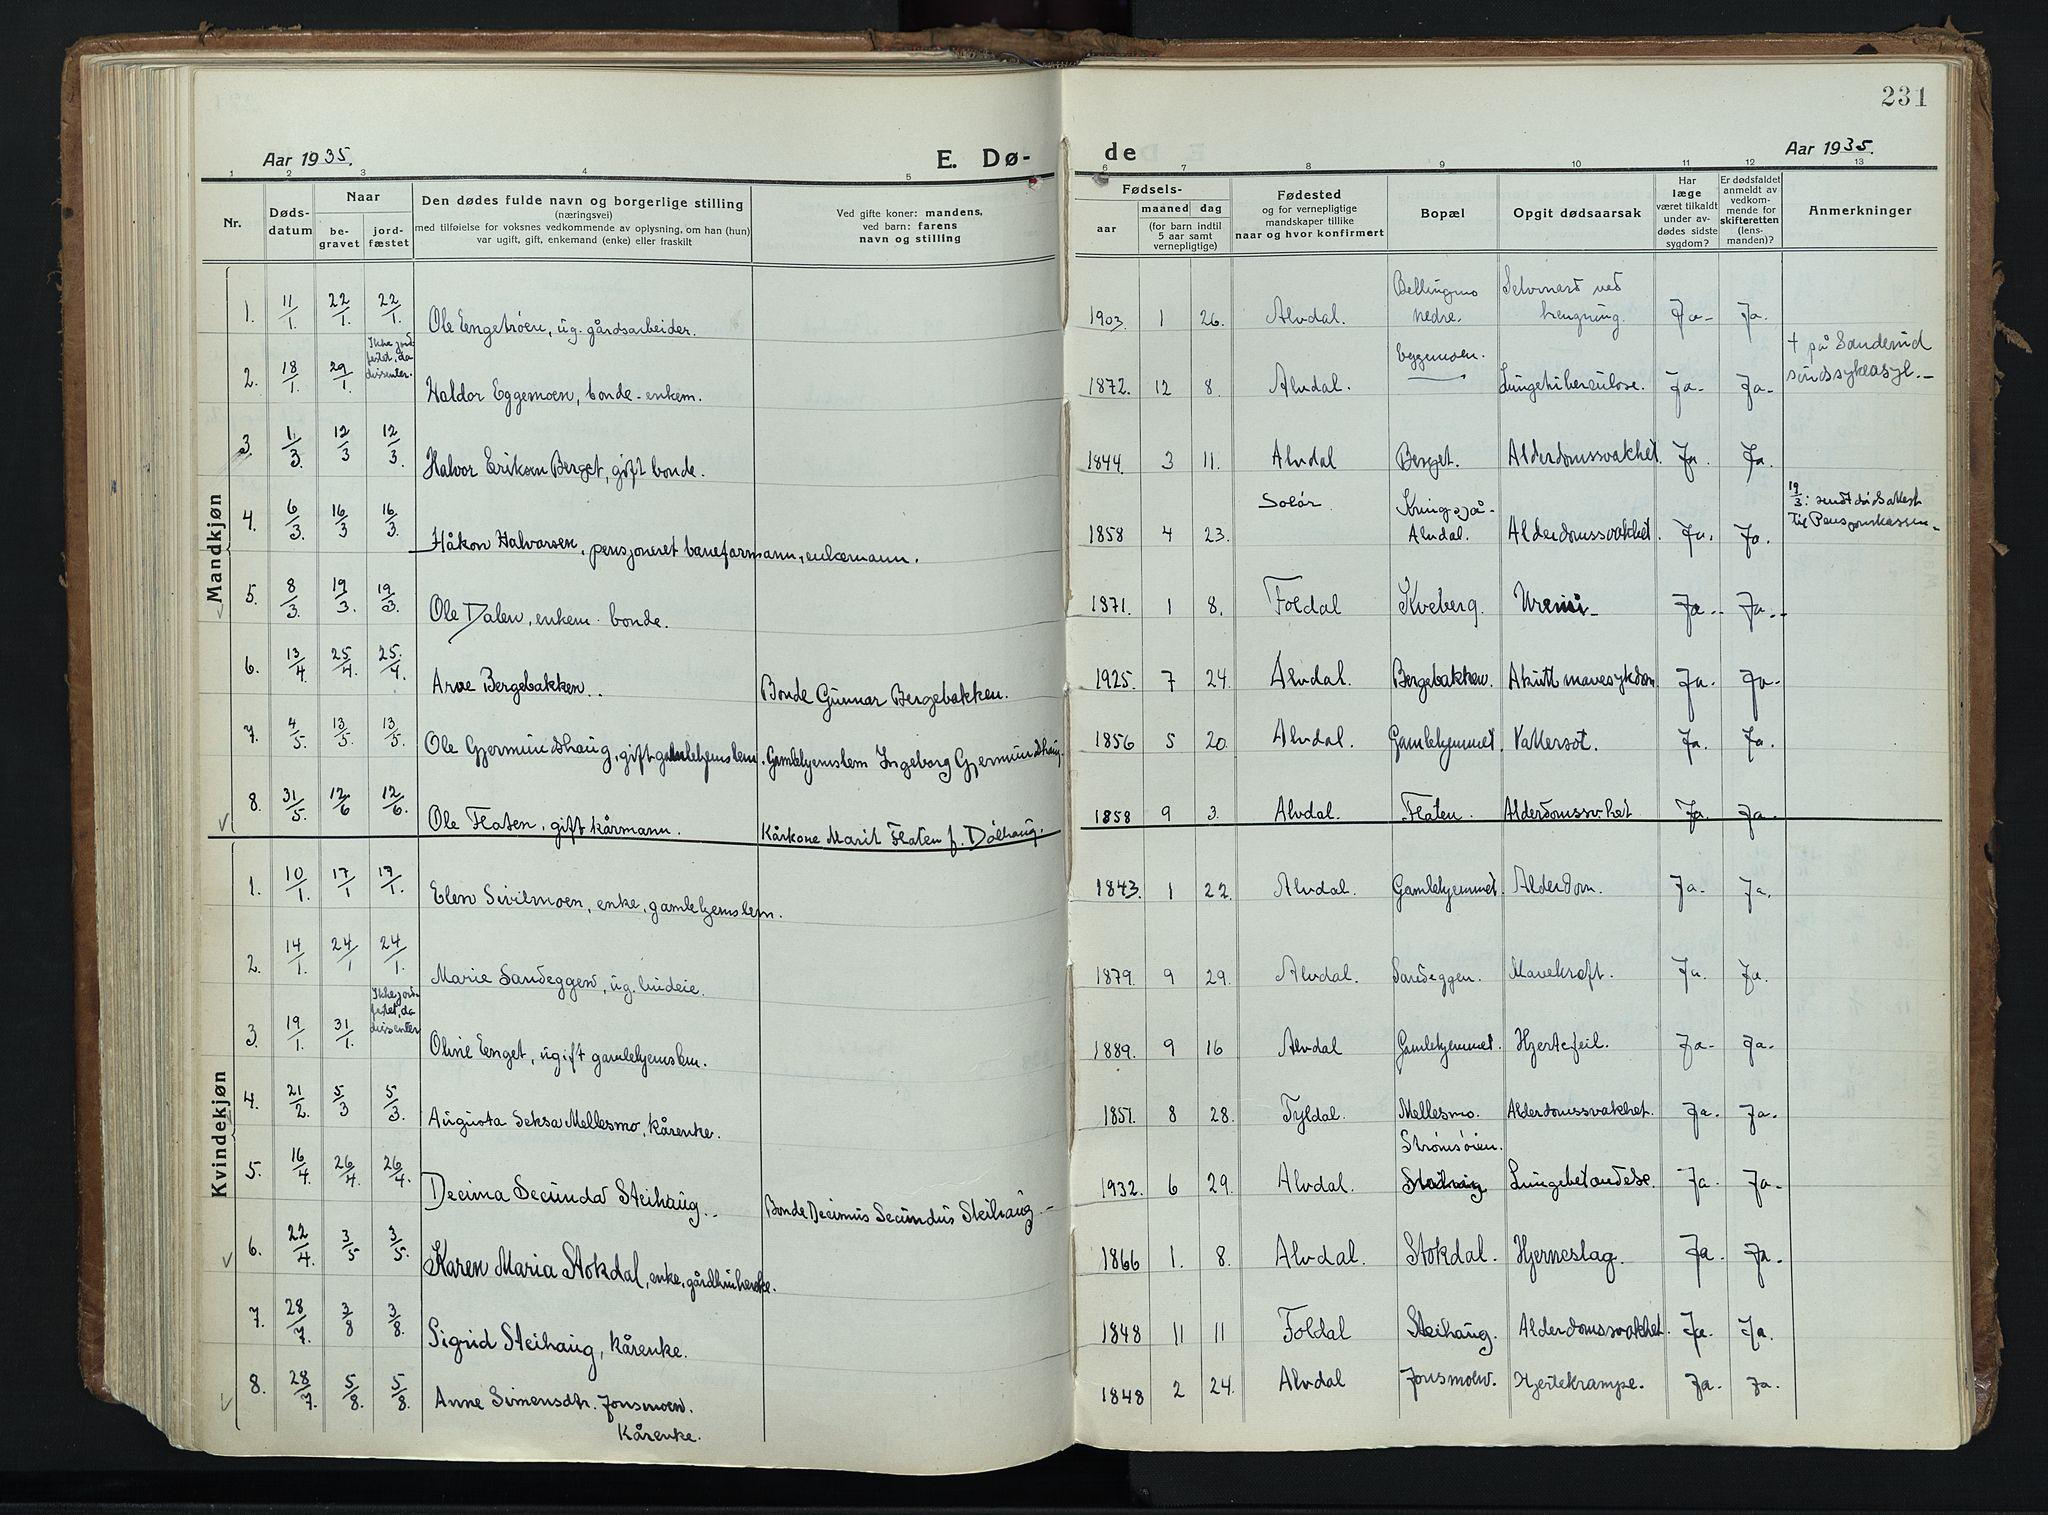 SAH, Alvdal prestekontor, Ministerialbok nr. 6, 1920-1937, s. 231